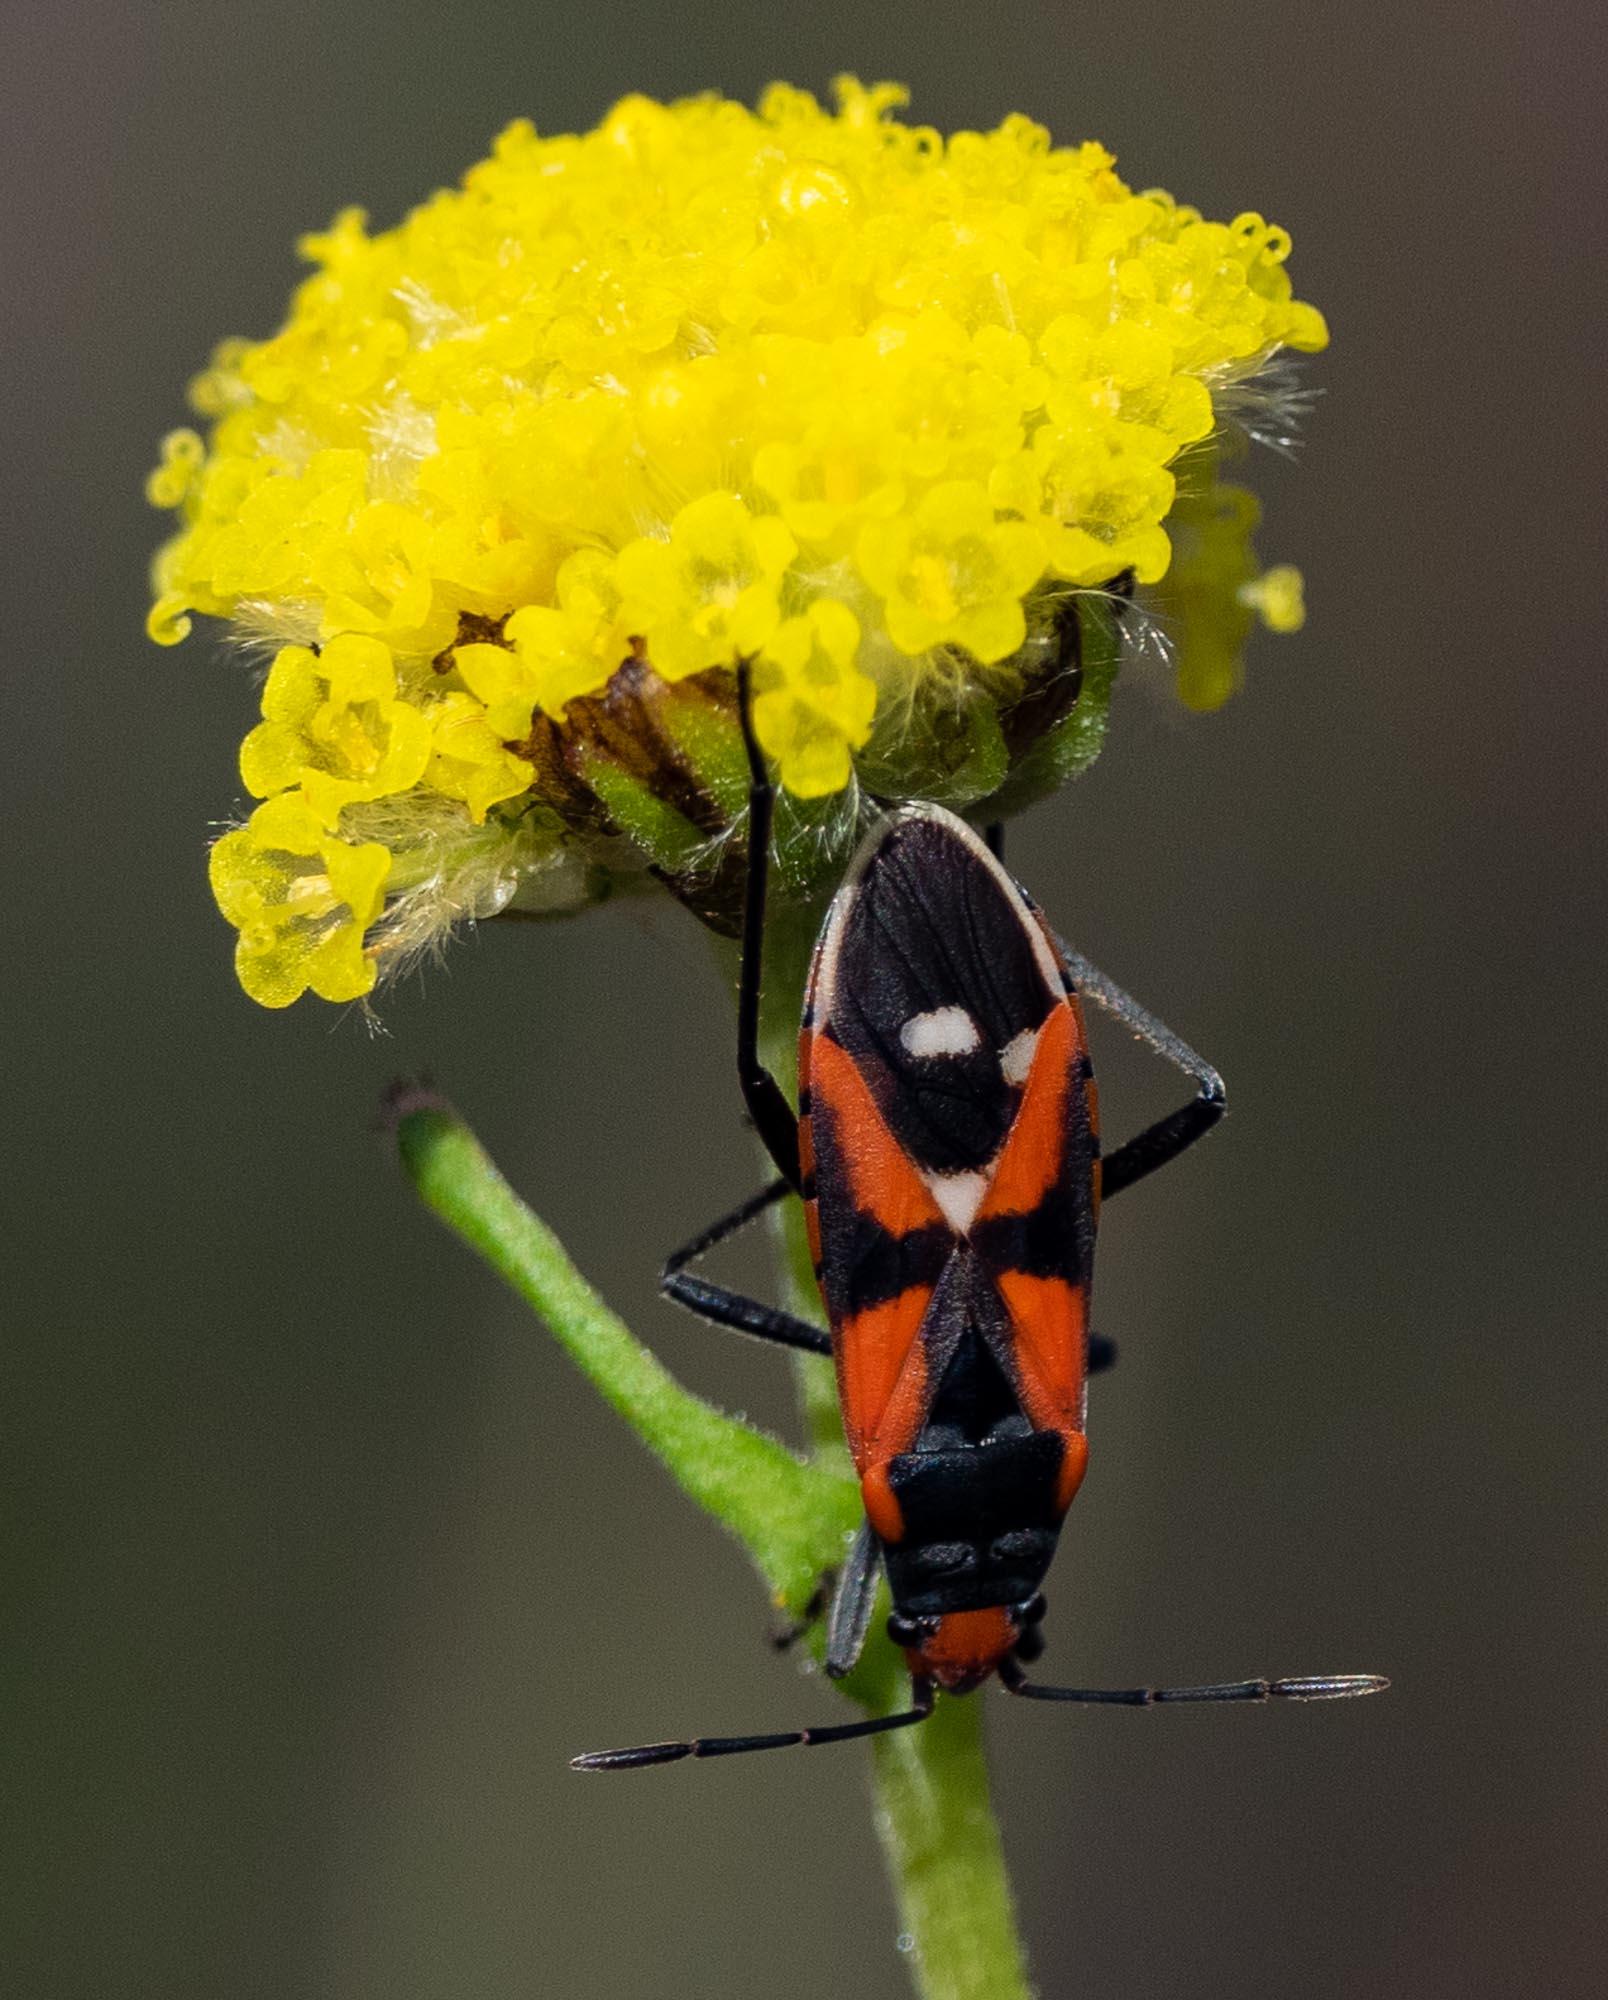 a sap-sucking bug